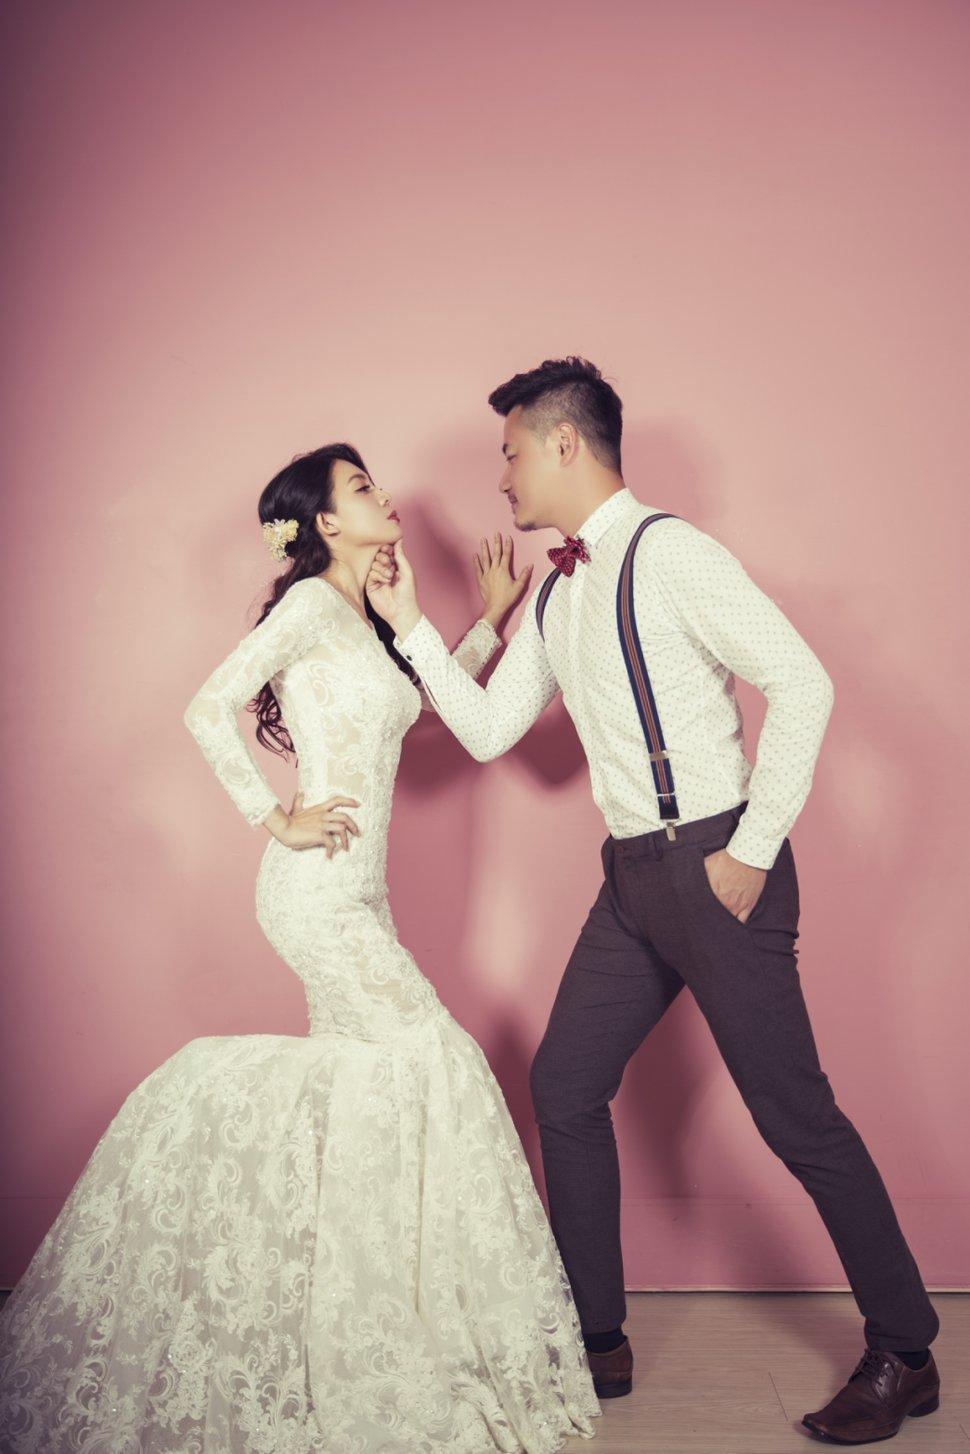 國內婚紗(編號:5266) - AC Photography - 結婚吧